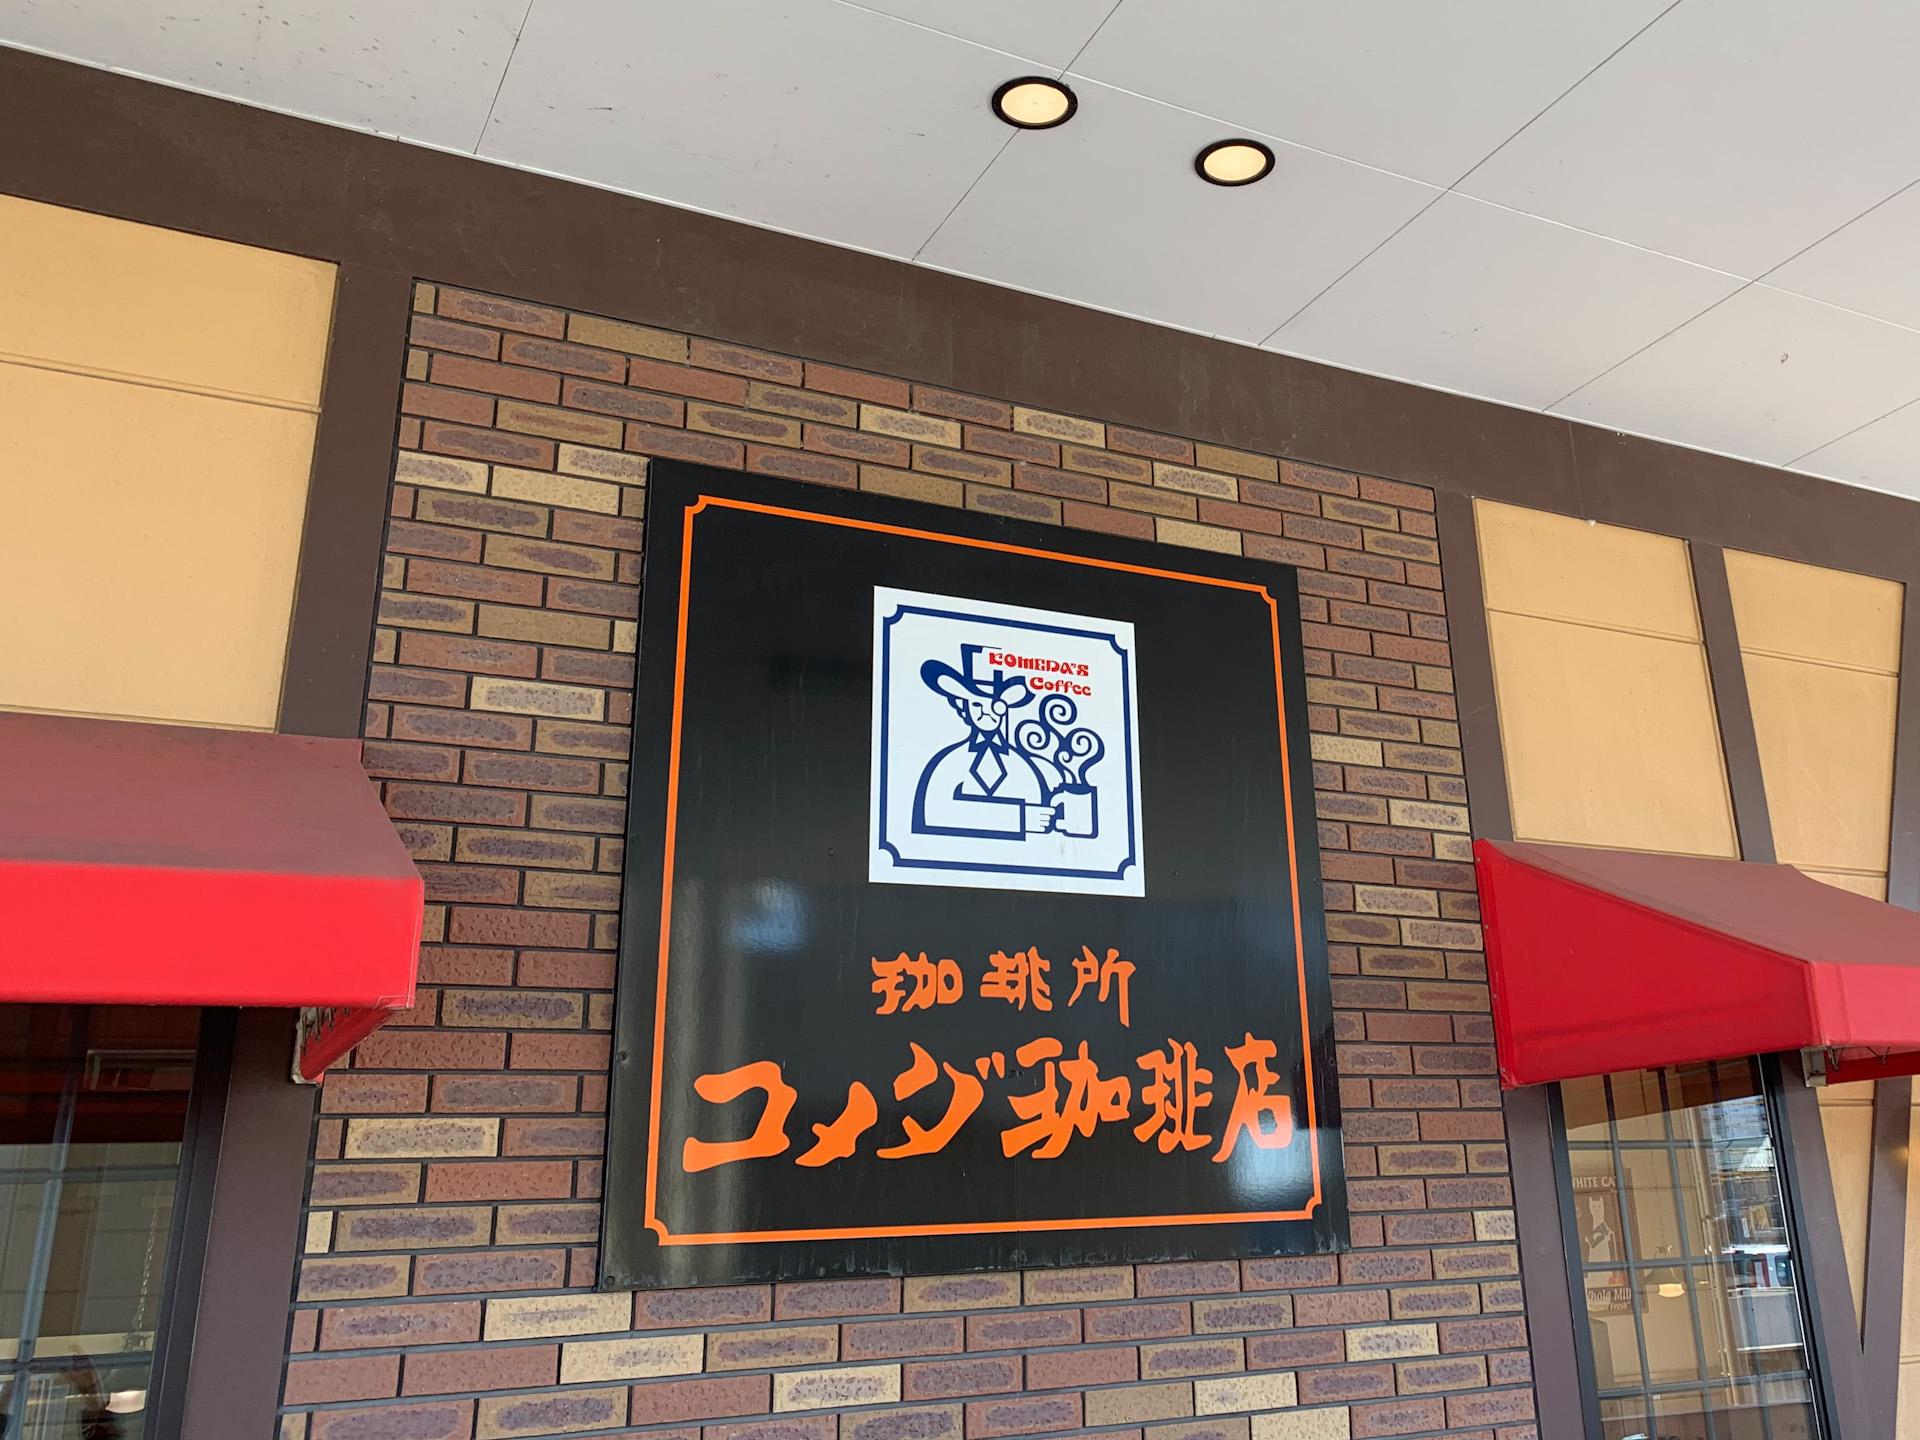 【コメダ珈琲店】渋谷周辺の店舗情報まとめ!アクセスや人気メニューも